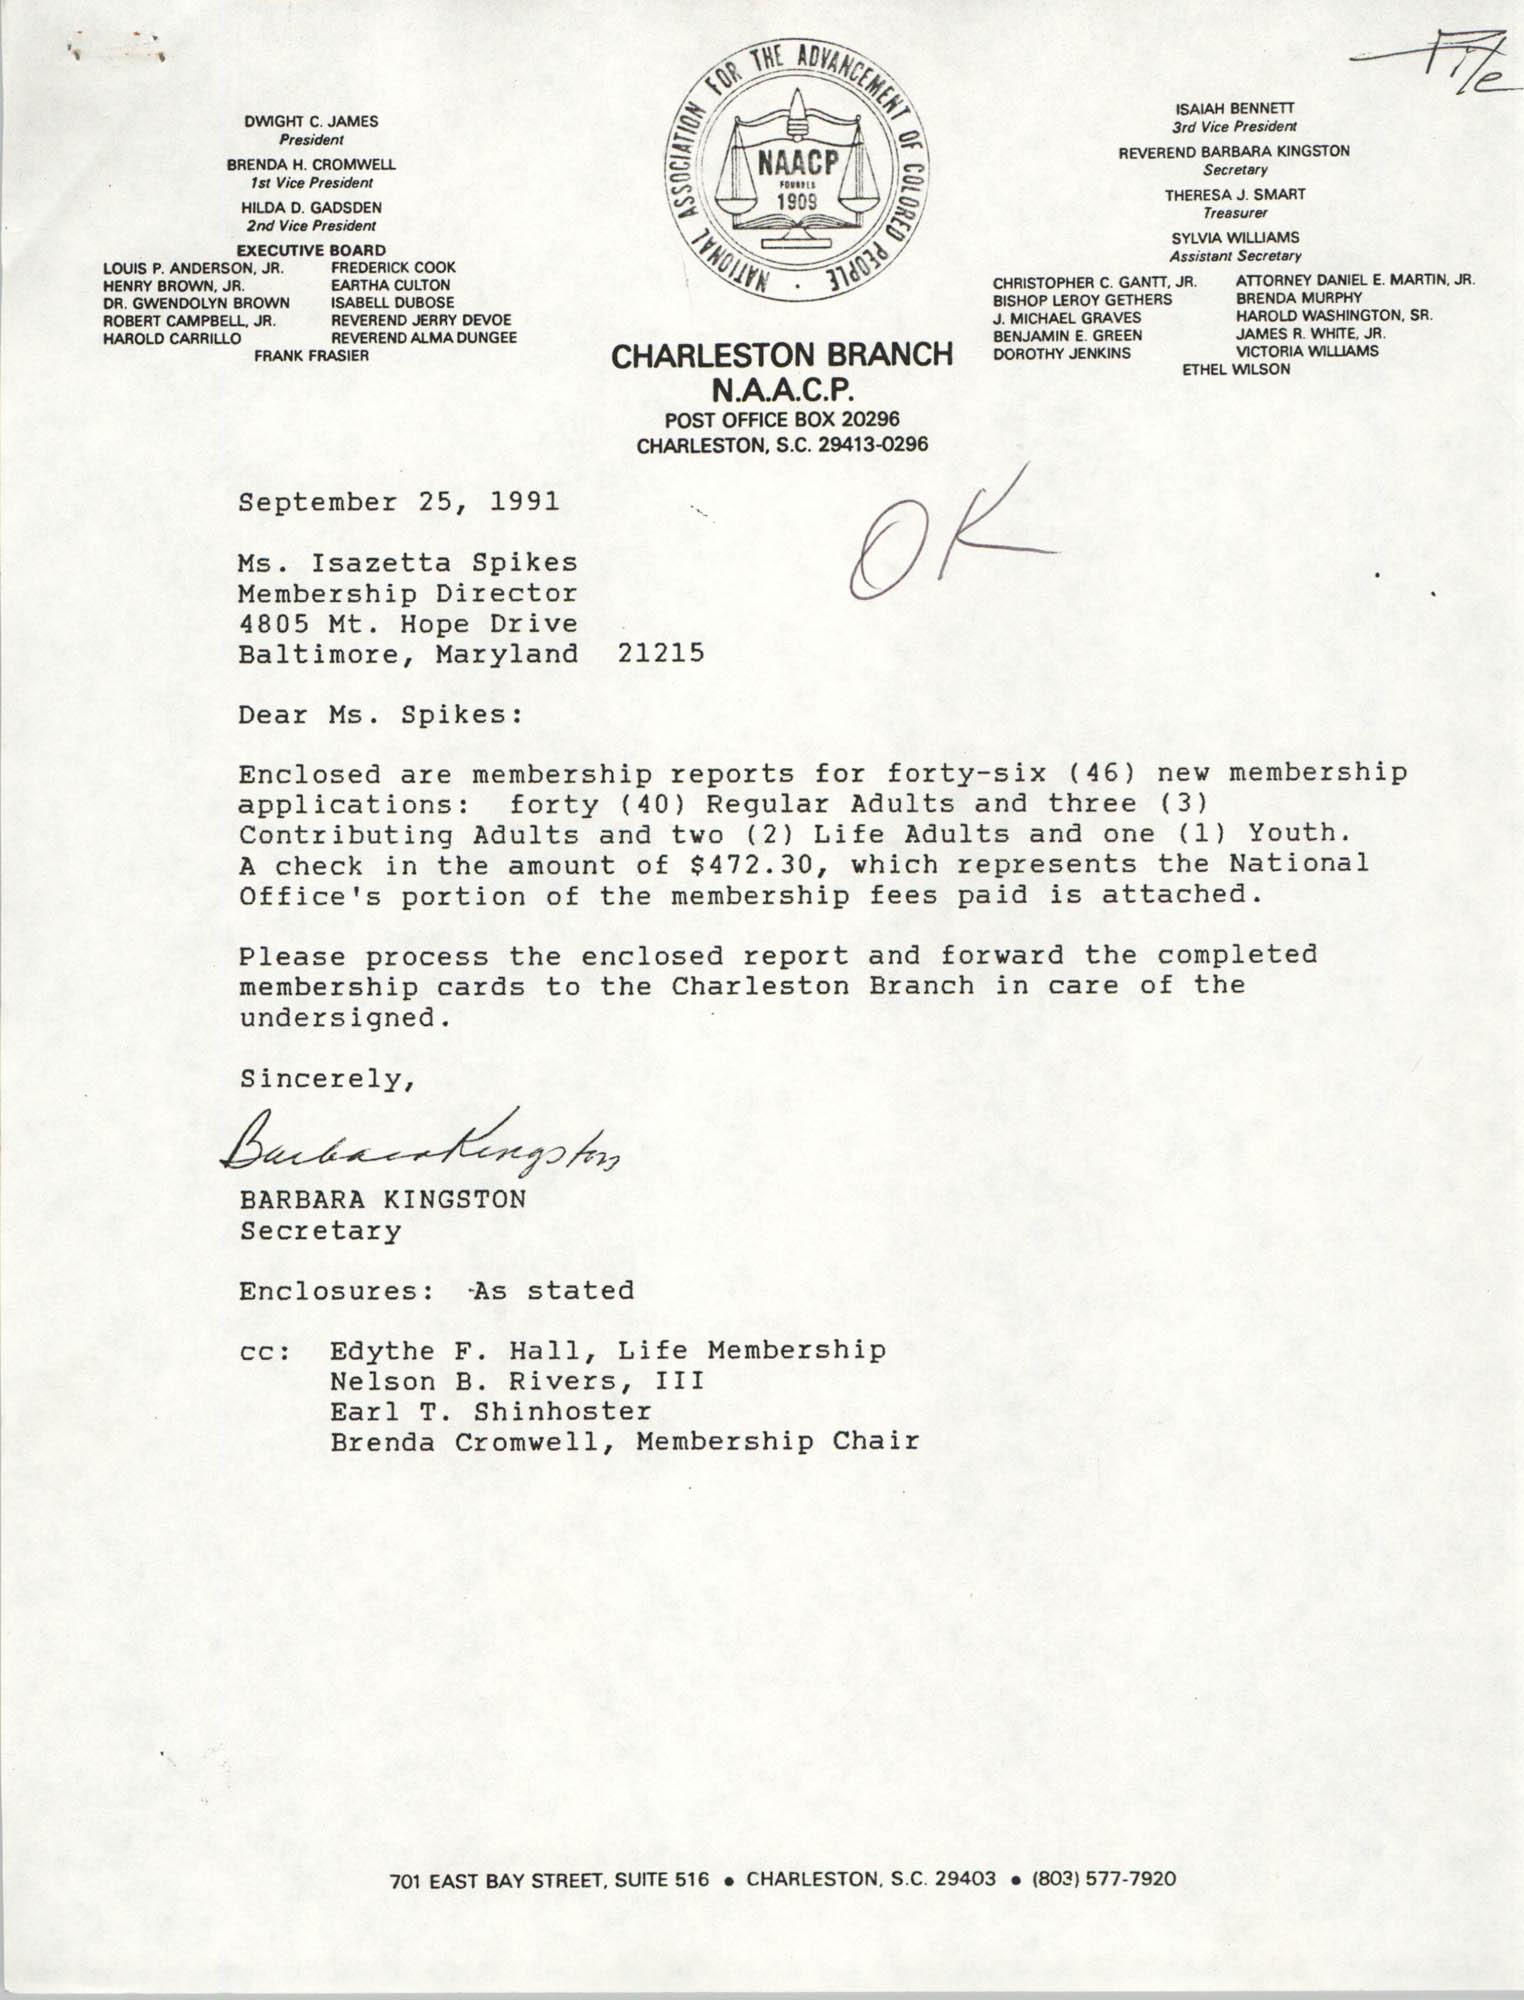 Letter from Barbara Kingston to Isazetta Spikes, September 25, 1991